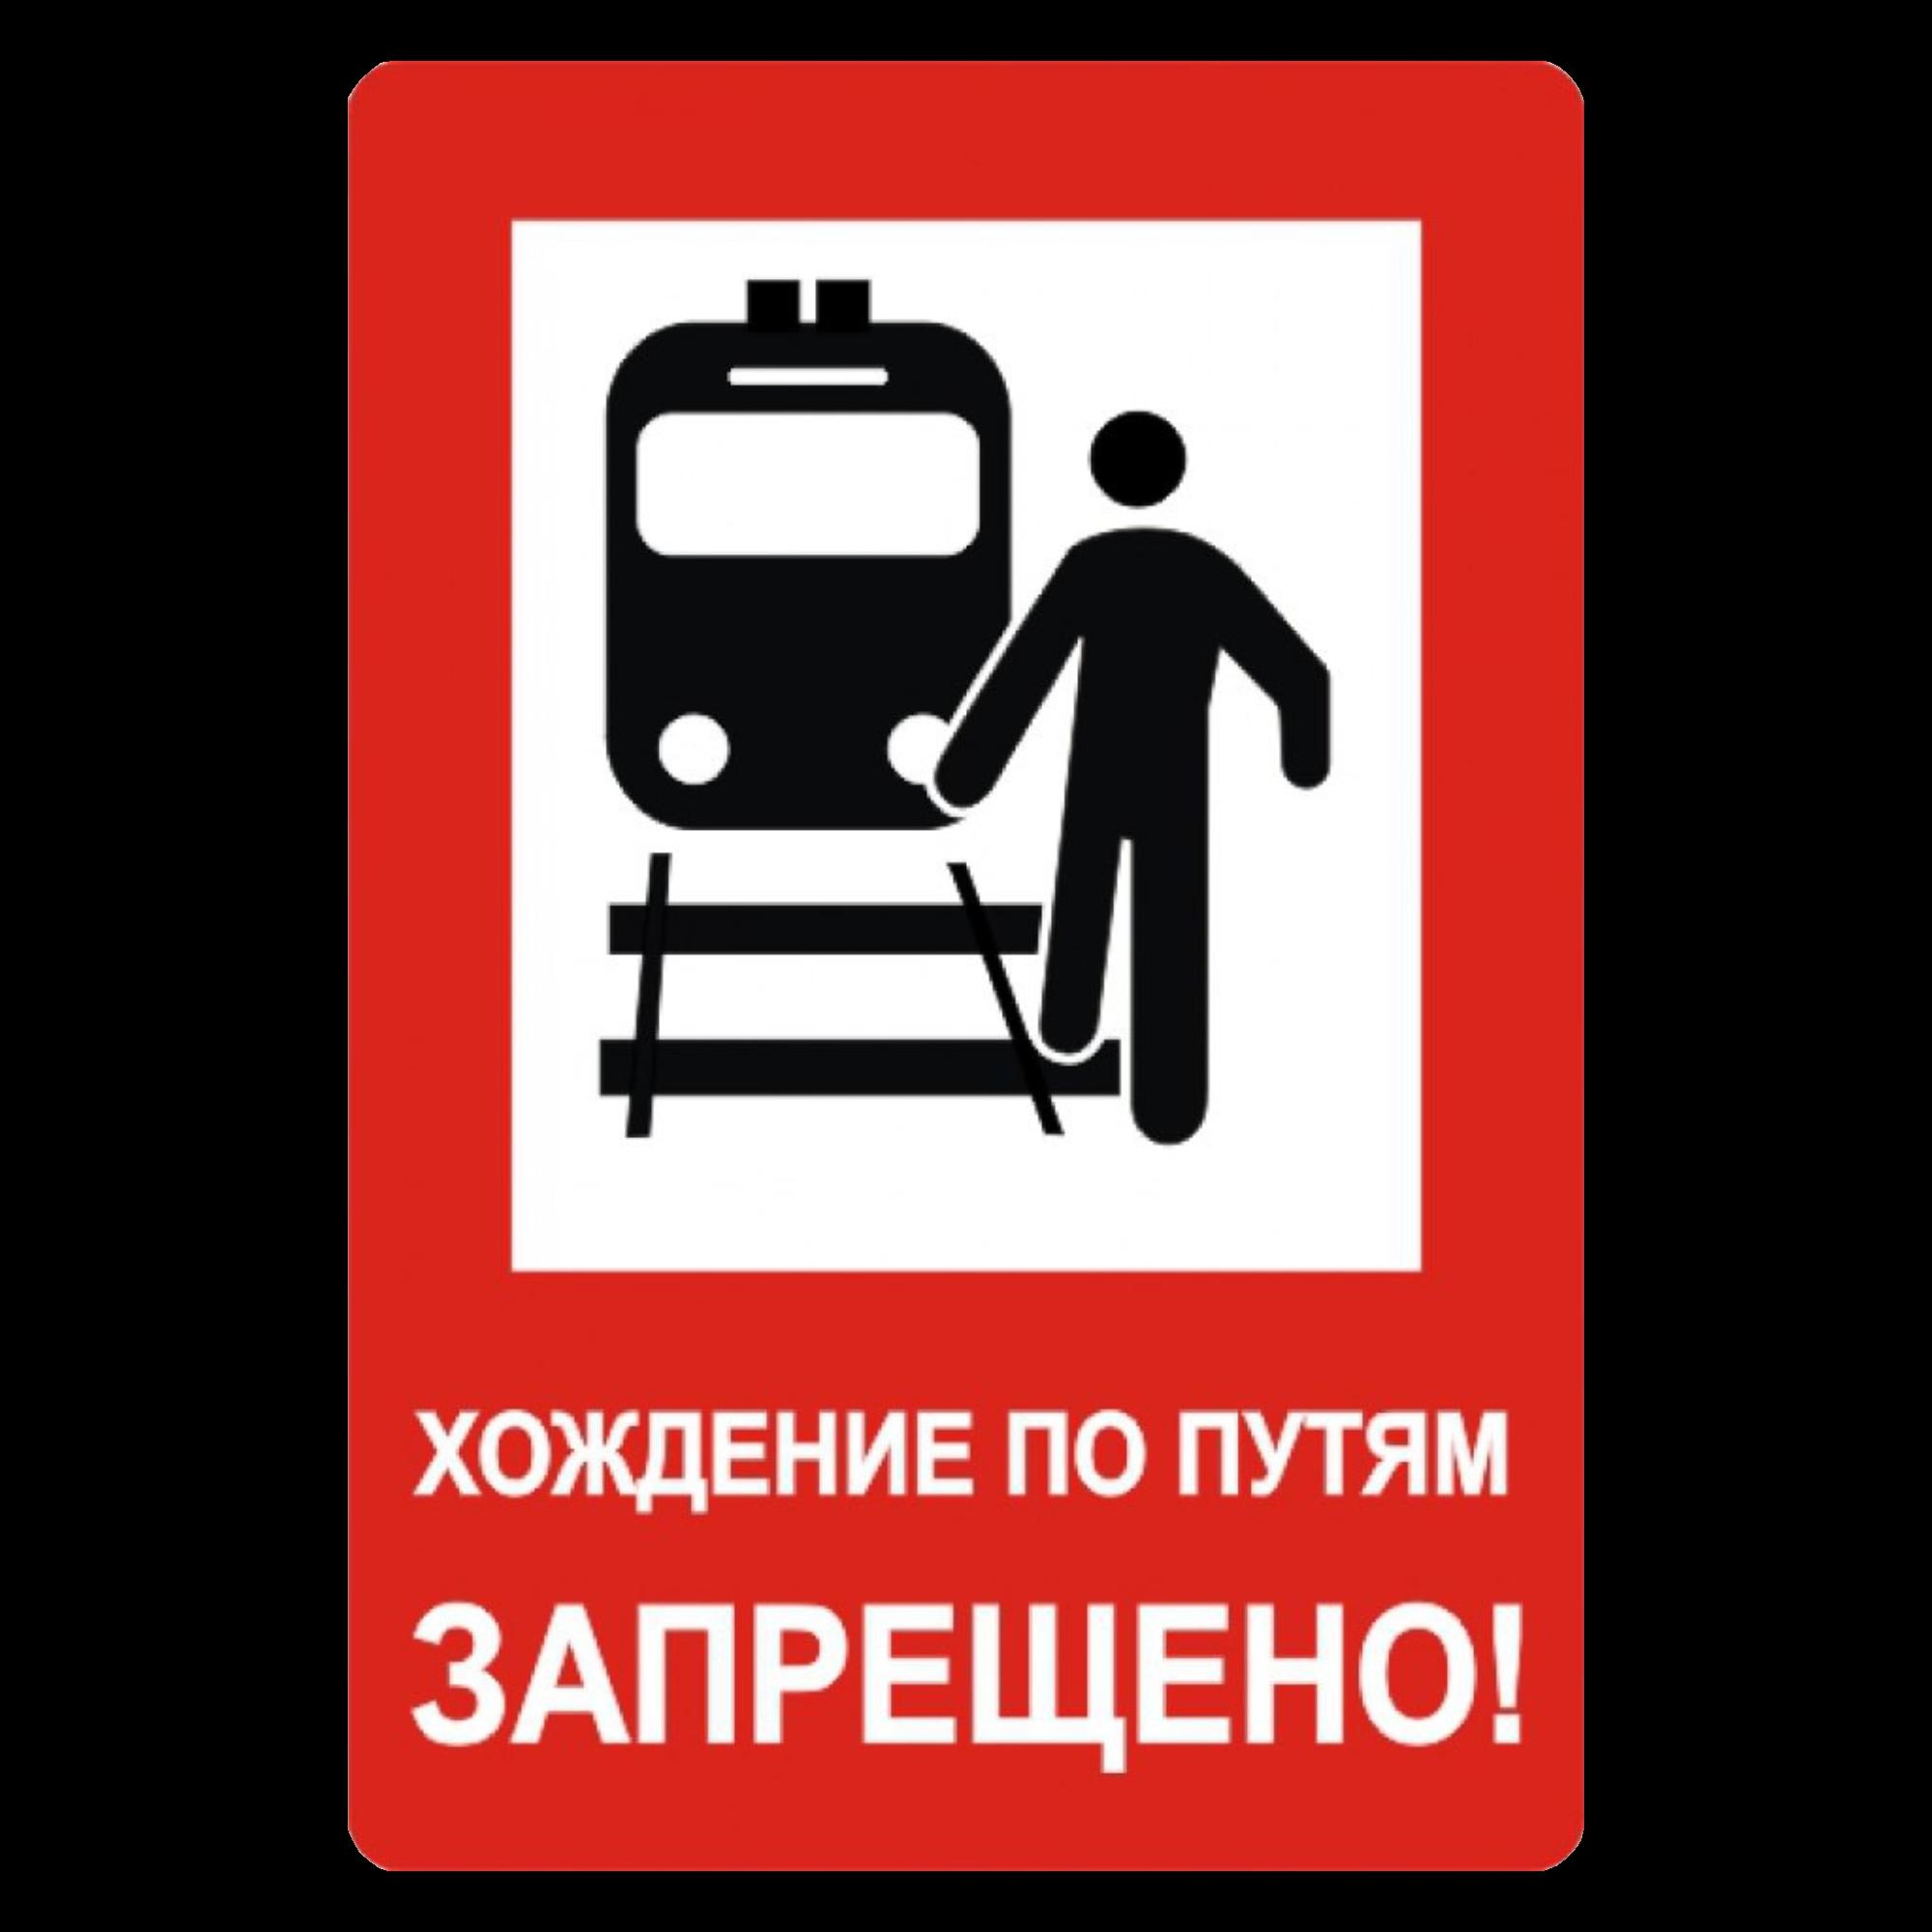 """Знак """"Хождение по путям запрещено"""""""